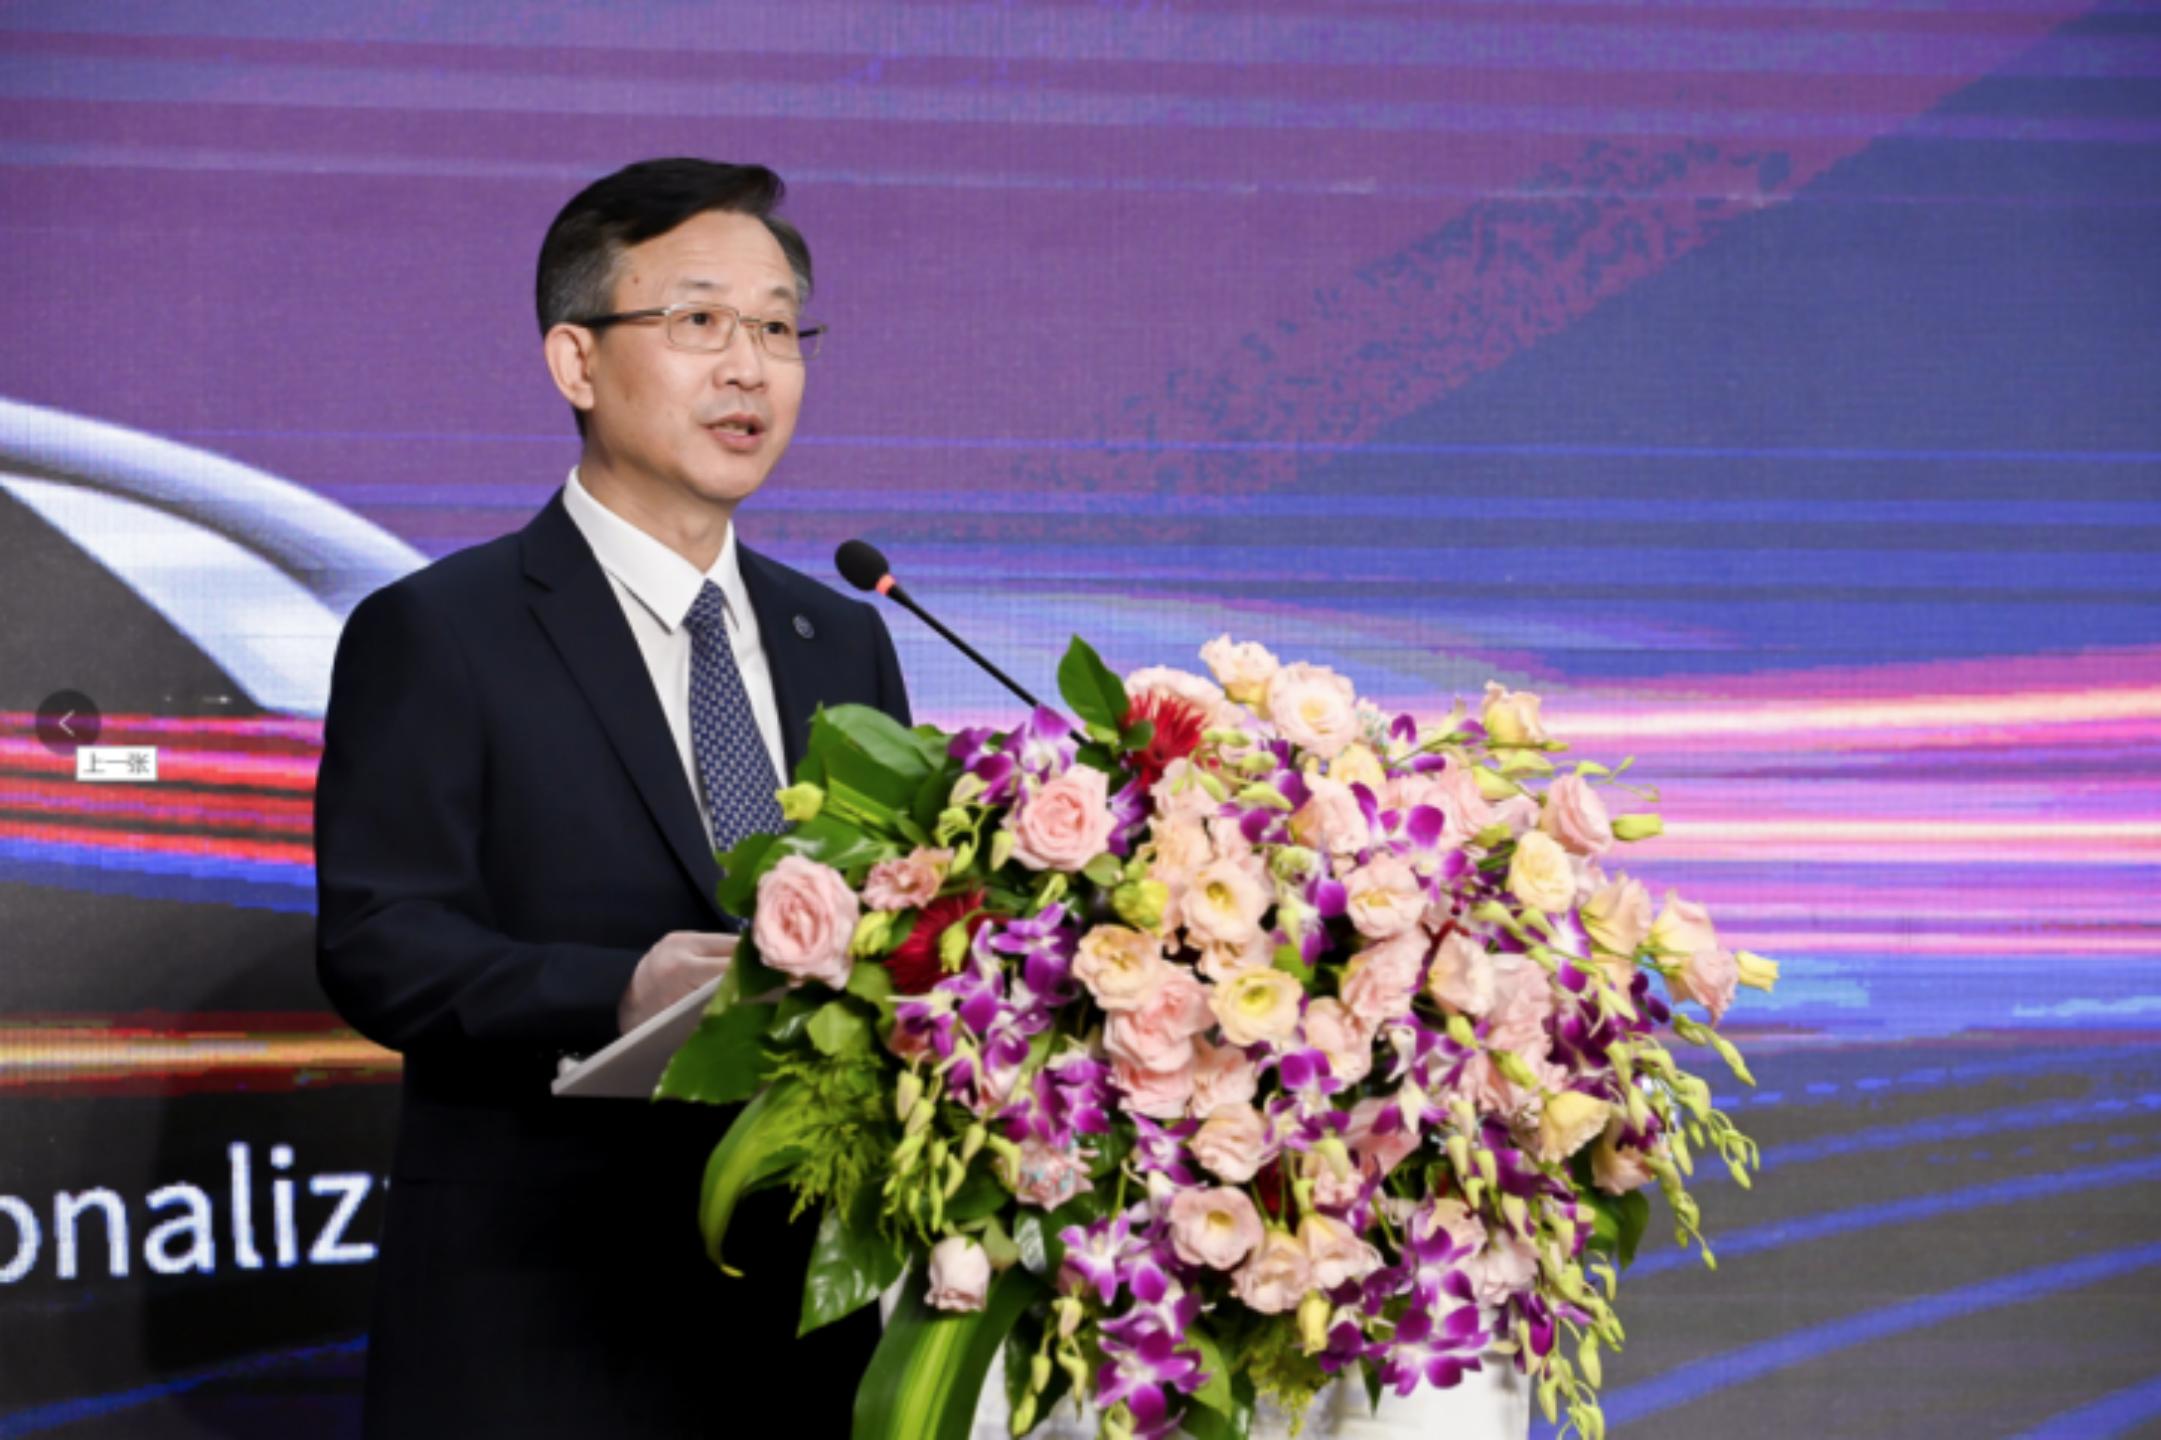 中国汽车标准国际化中心成立活动圆满举办-第1张图片-汽车笔记网